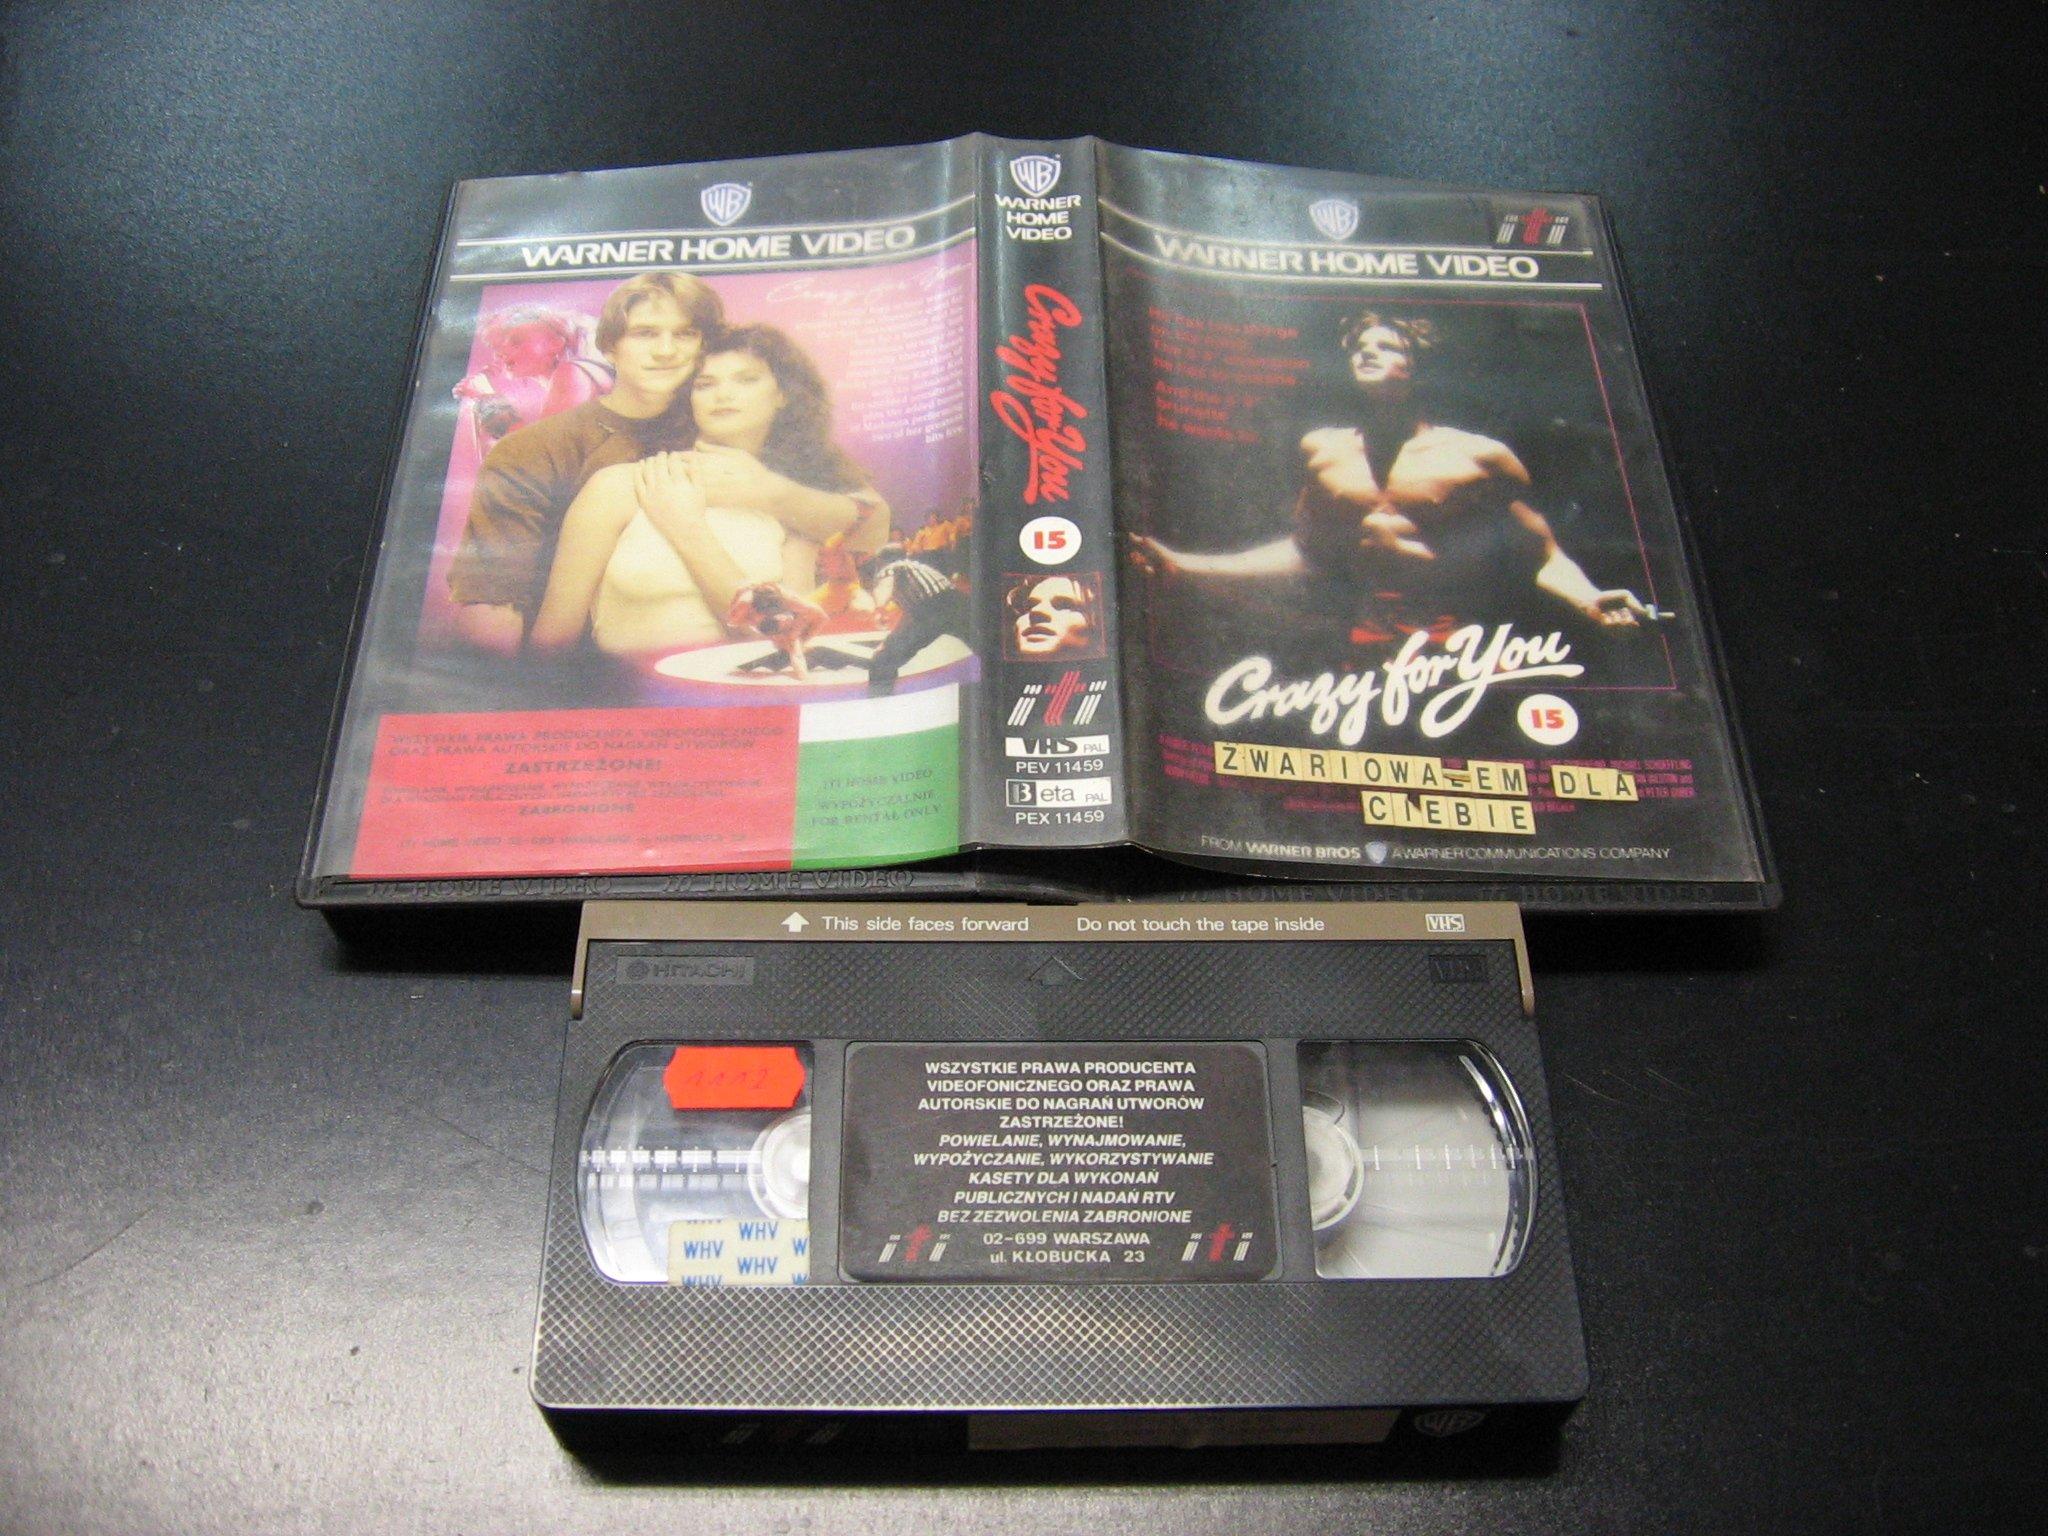 ZWARIOWAŁEM DLA CIEBIE -  kaseta VHS - 0978 Opole - AlleOpole.pl